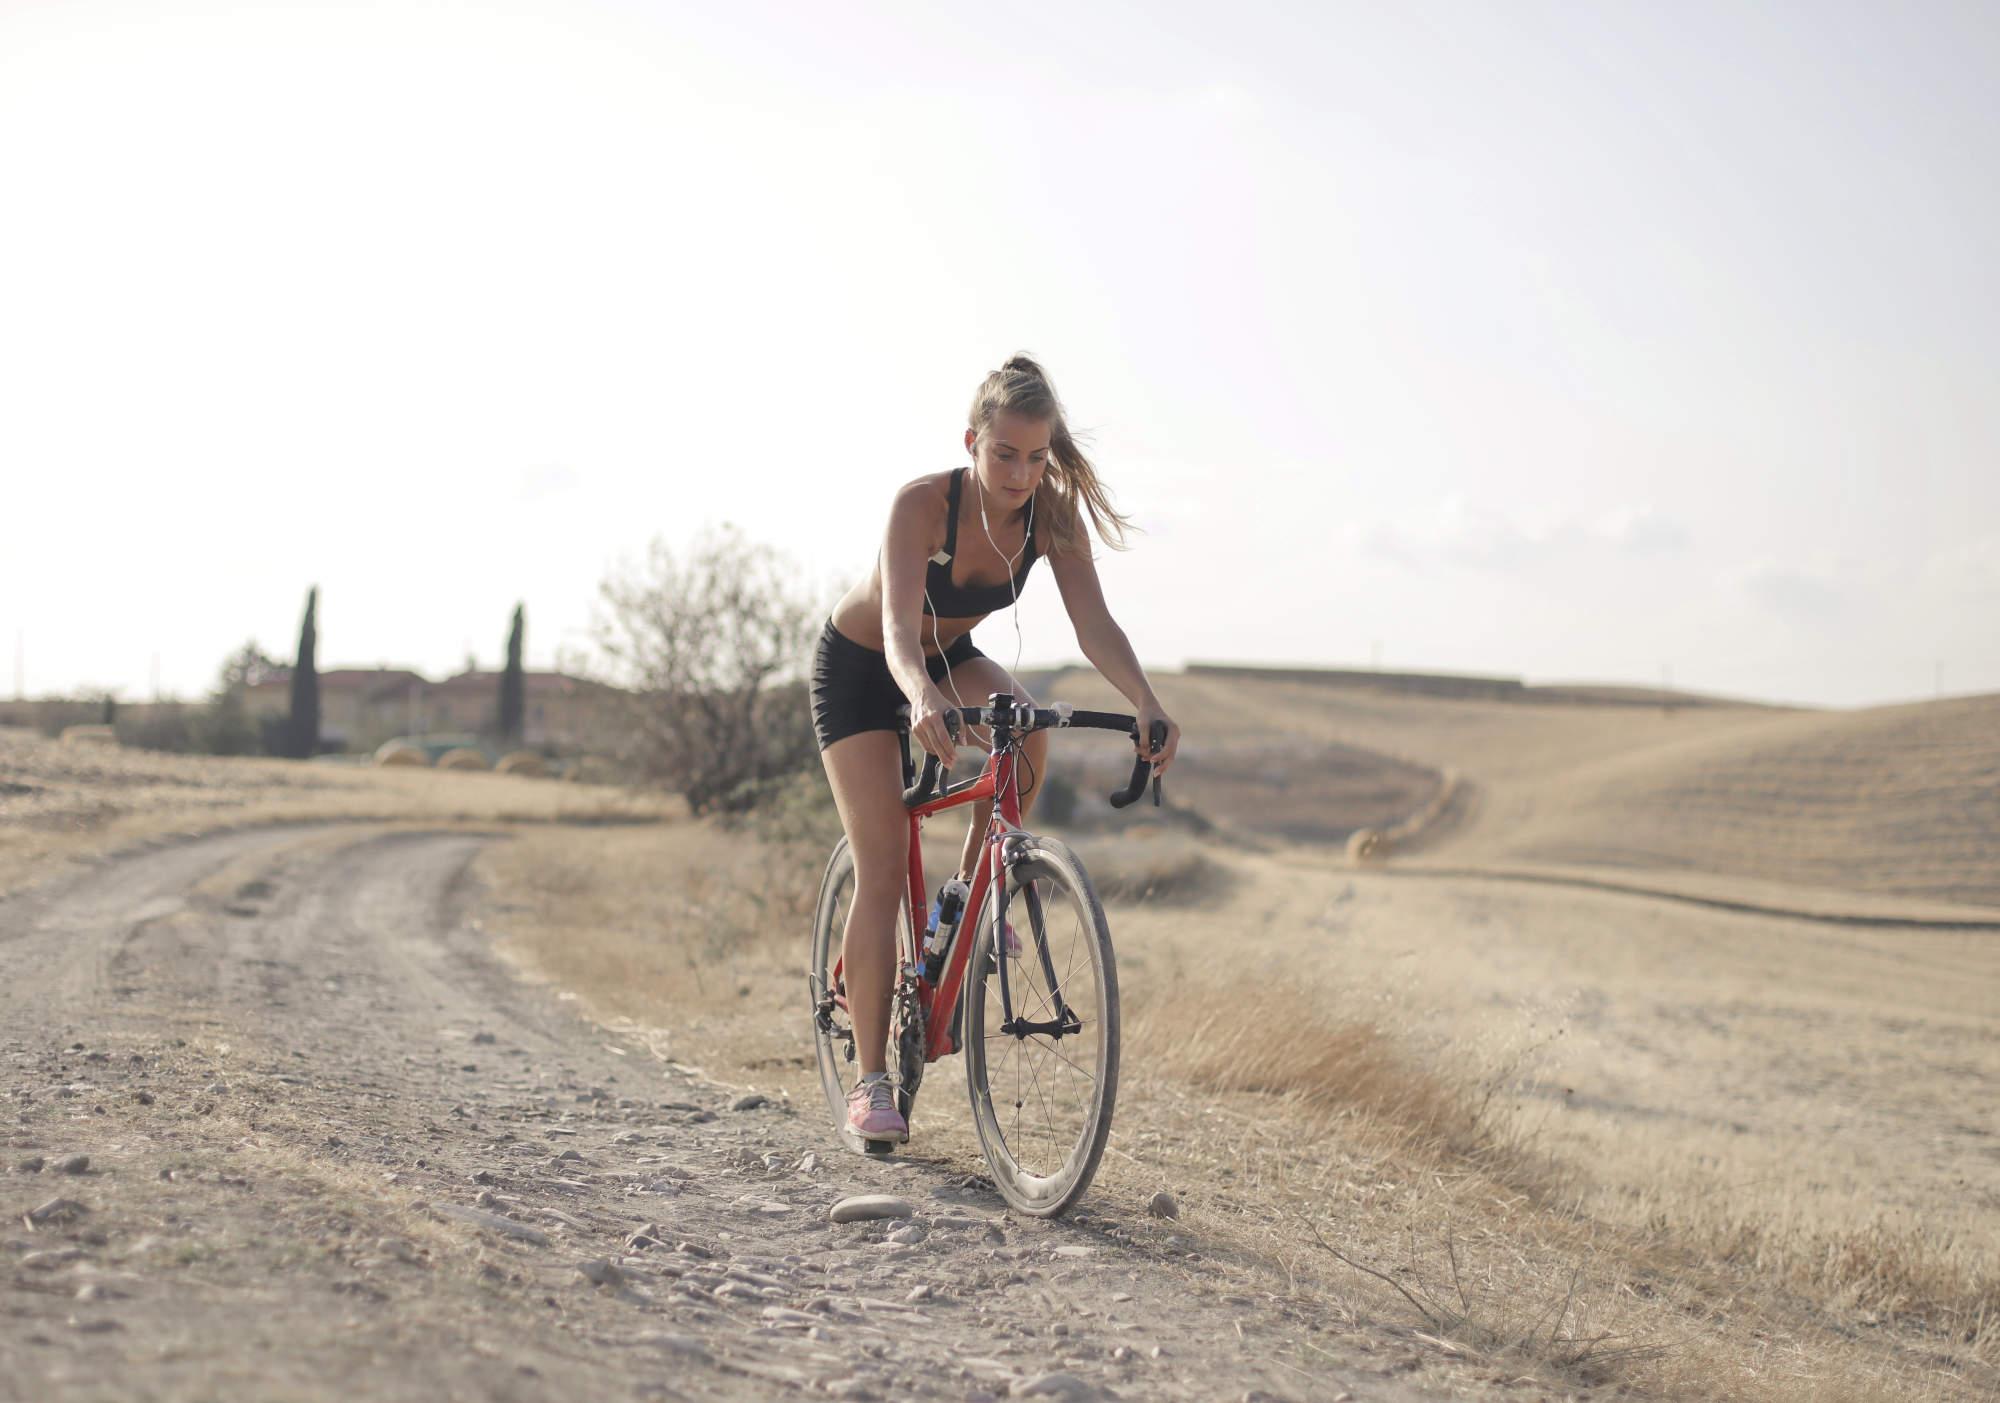 Bici: cosa fare per le irritazioni della pelle da sfregamento contro sella e tessuti